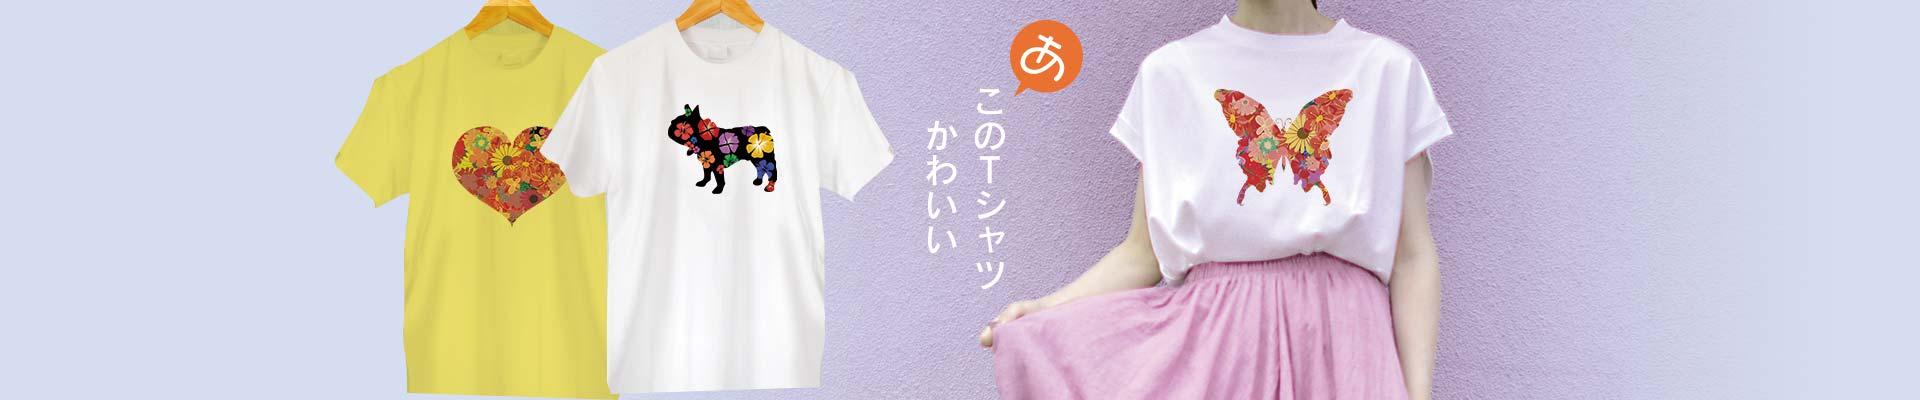 あ このTシャツかわいい